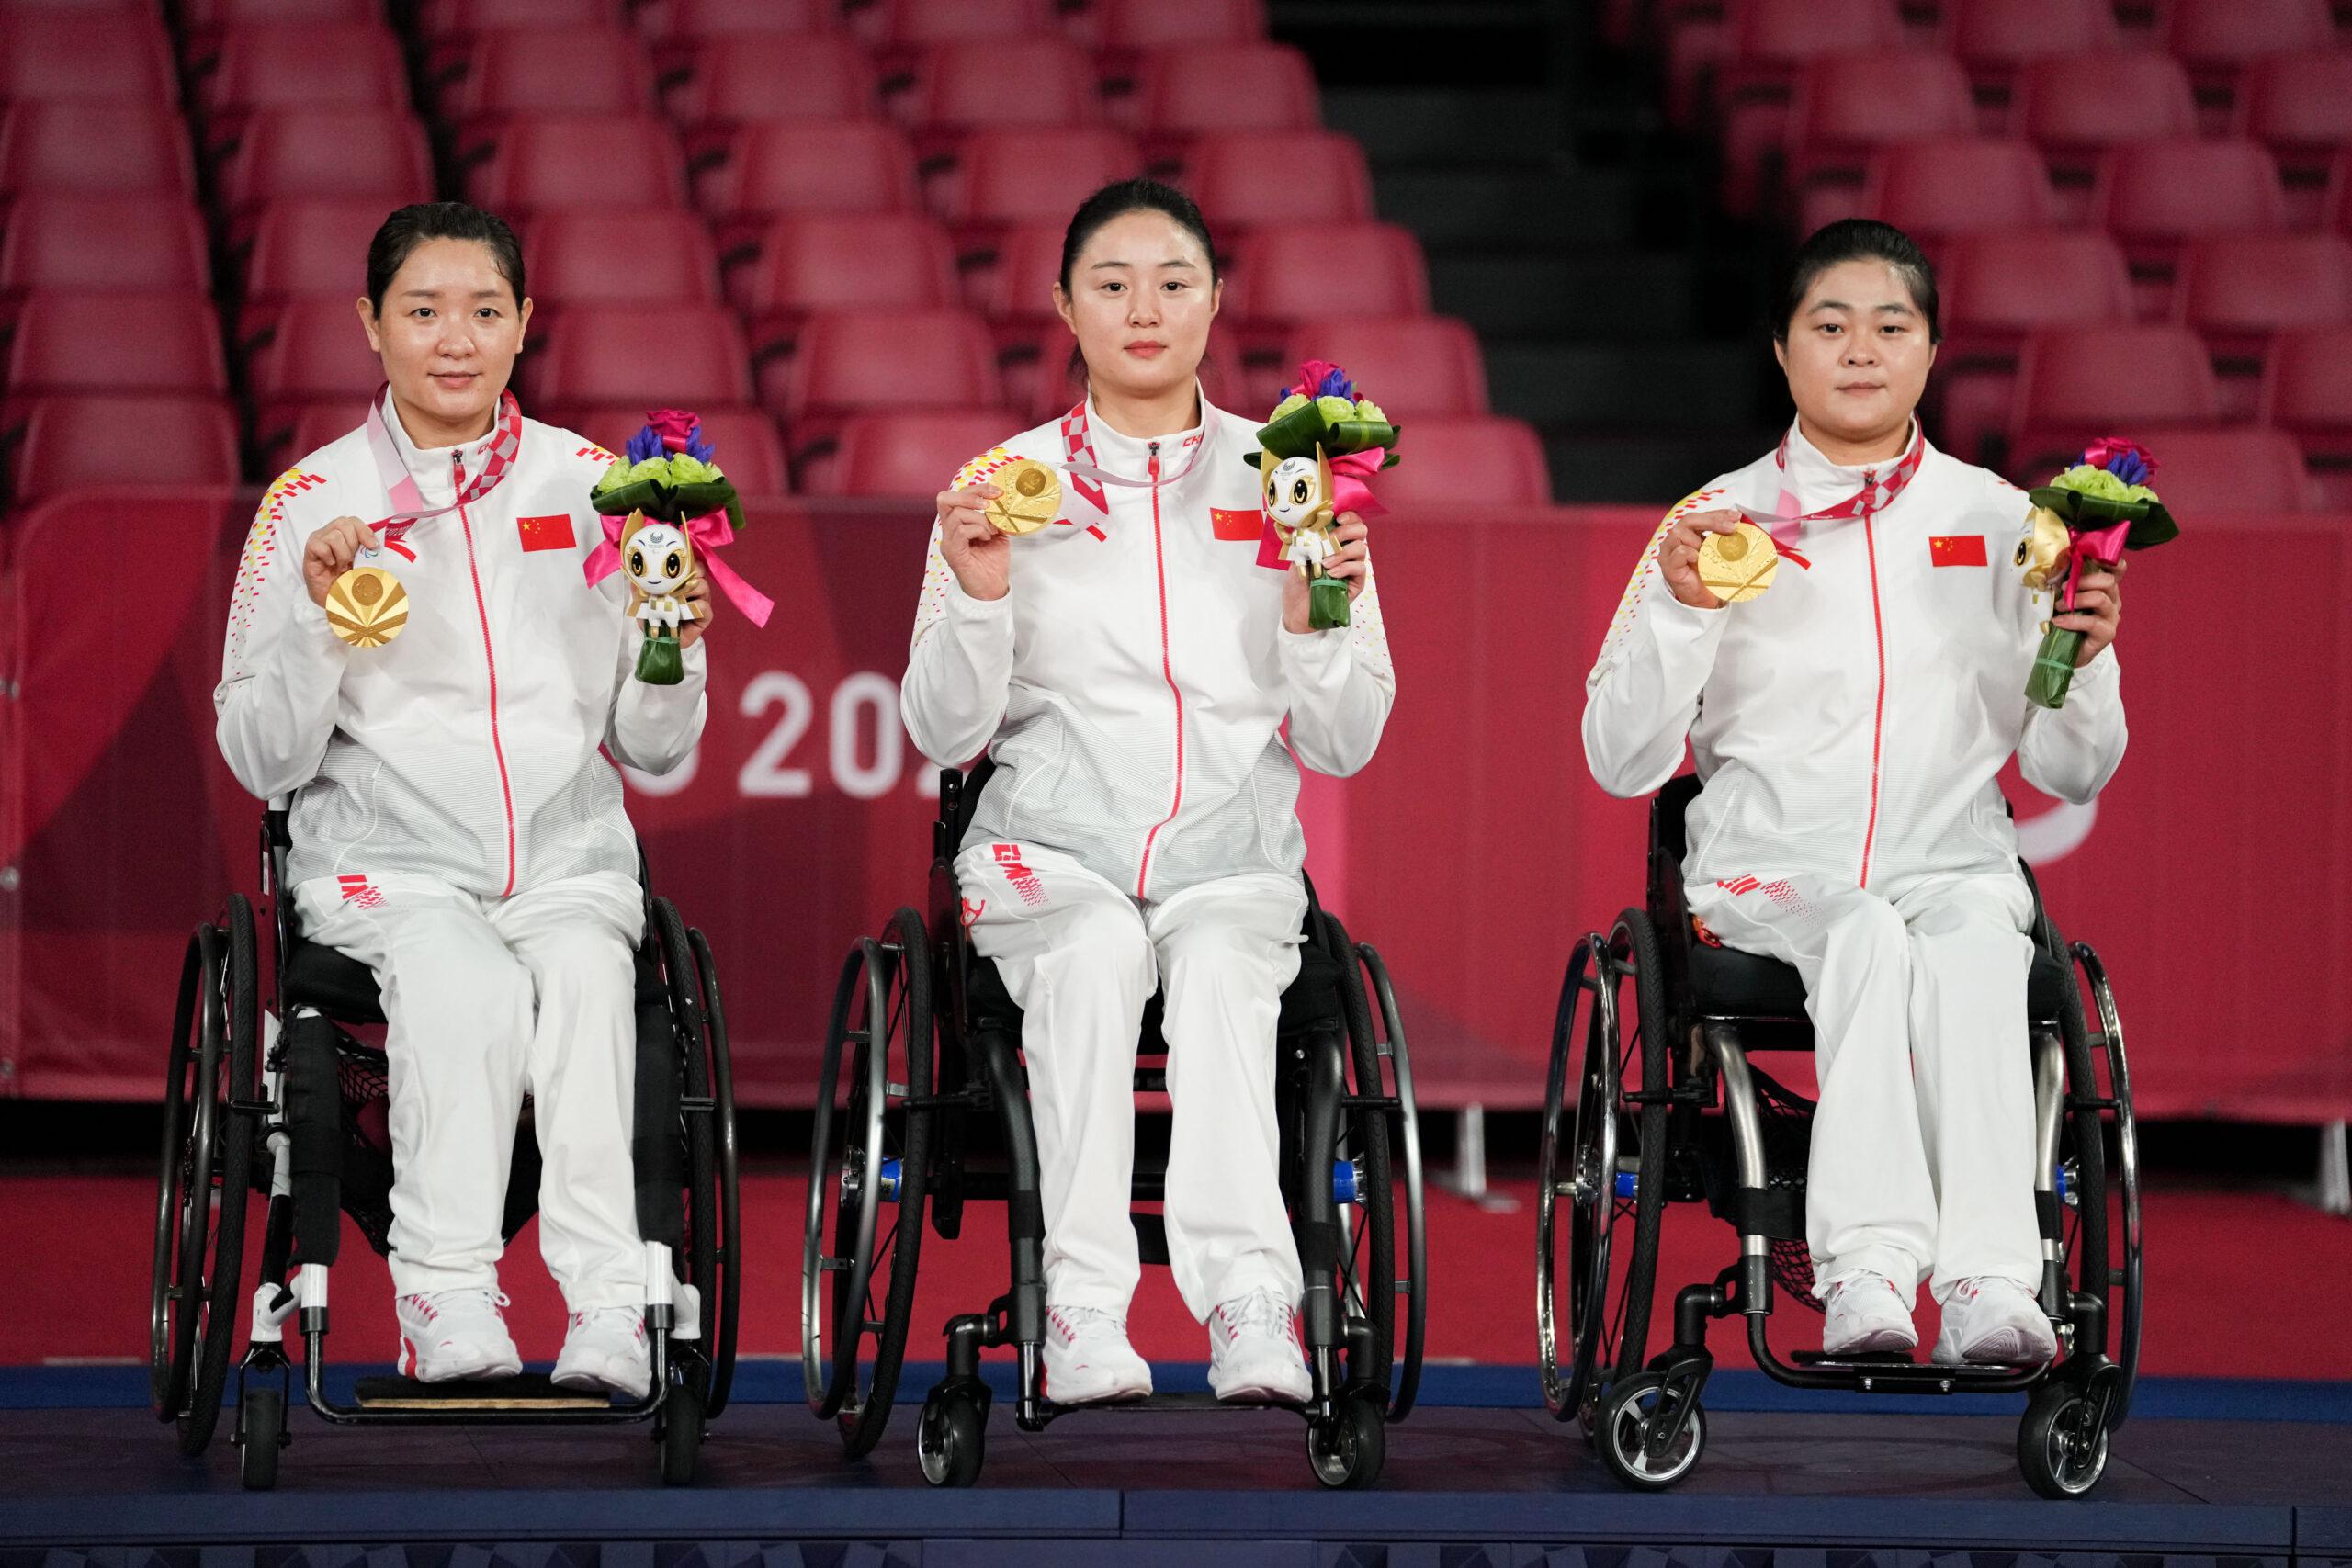 จีนยกย่อง 'นักกีฬาหญิง' ศึกพาราลิมปิก 'บุคคลต้นแบบ' ของชาติ